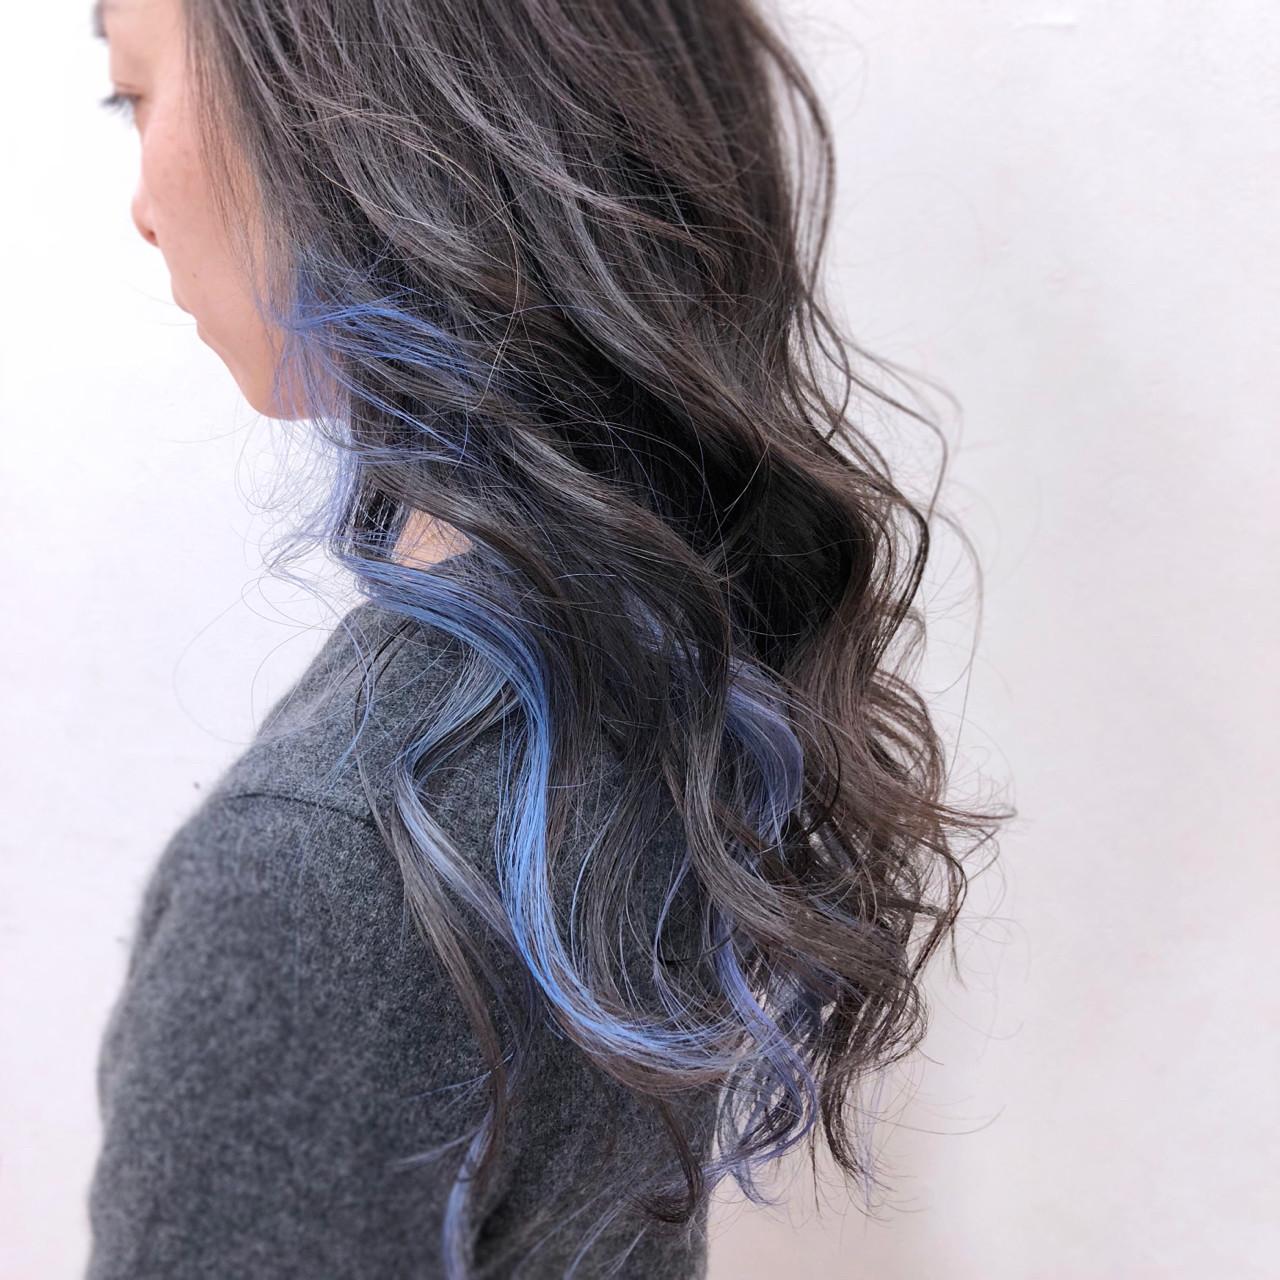 インナーカラー ゆるふわ パープル ナチュラル ヘアスタイルや髪型の写真・画像